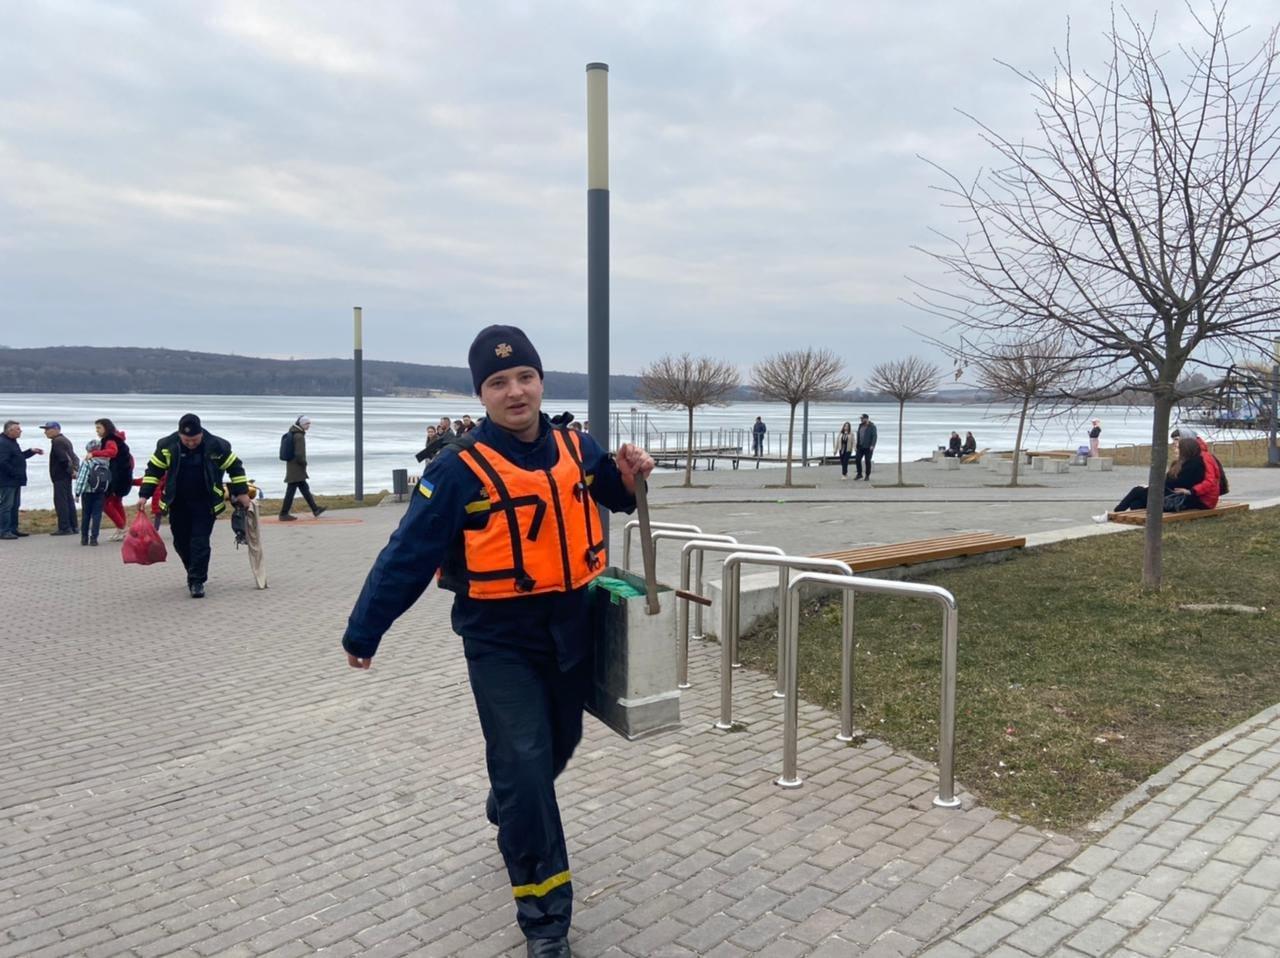 На Тернопільському озері під лід провалився чоловік: рятувальники терміново вирушили на порятунок (ФОТО), фото-2